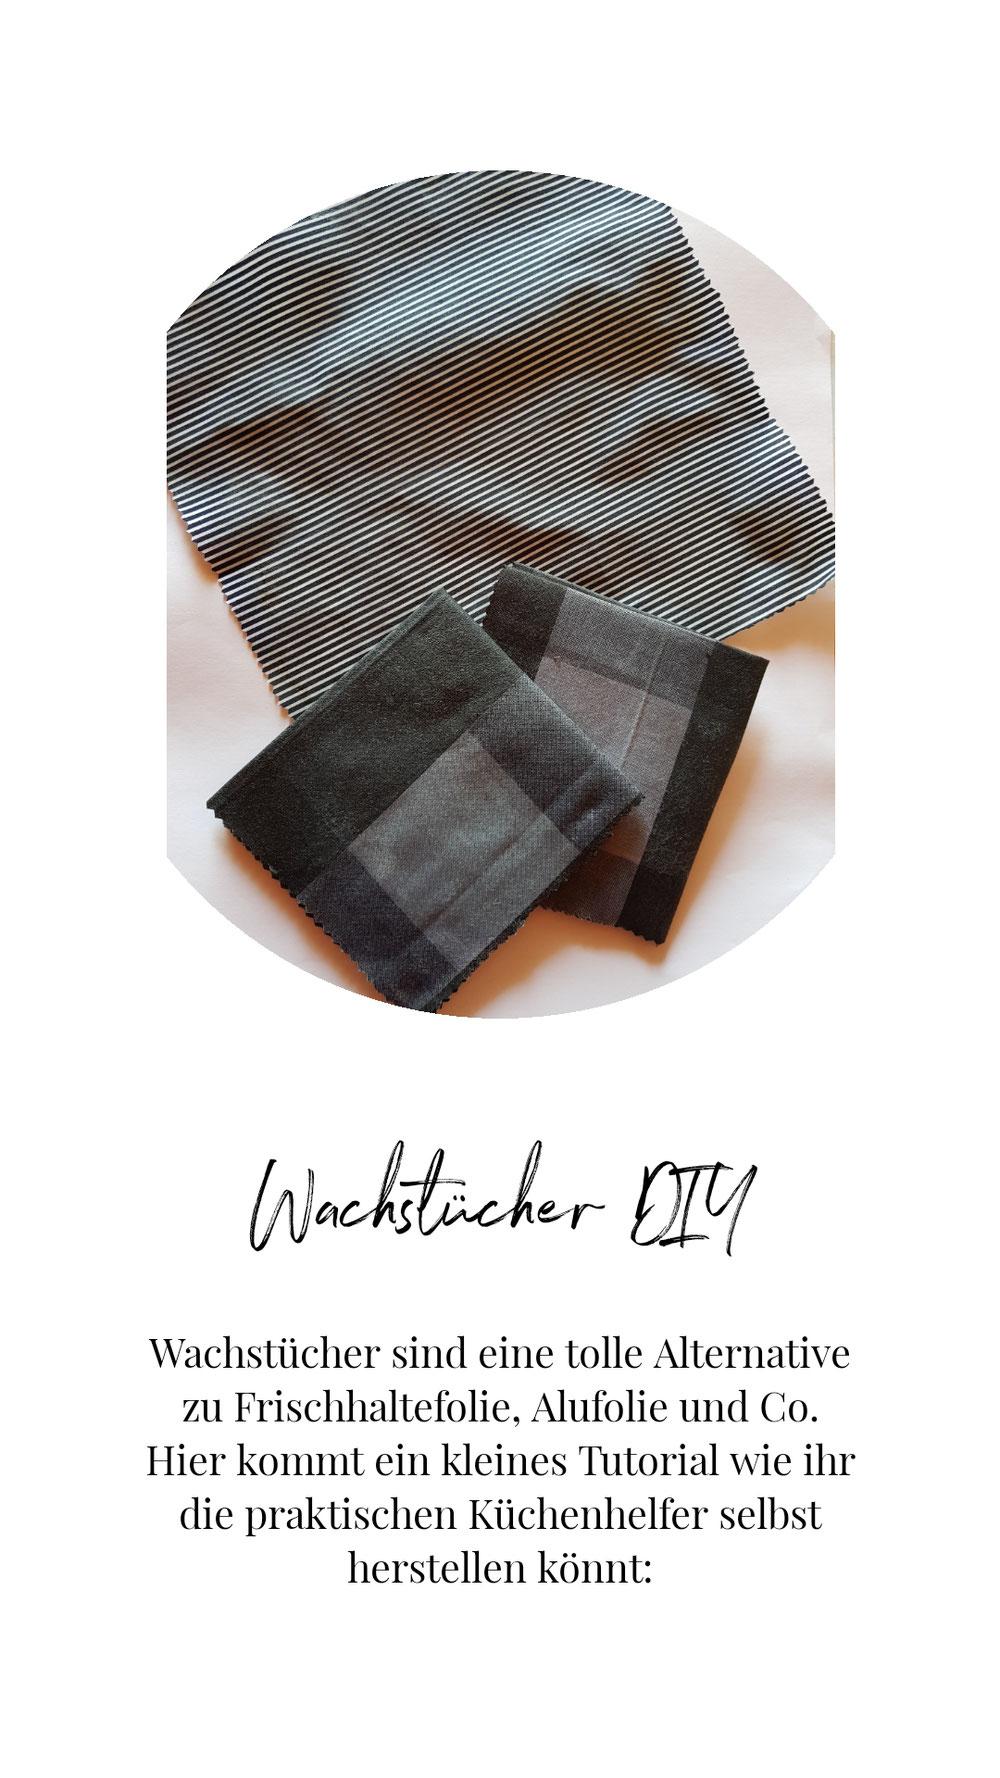 Wachstücher DIY